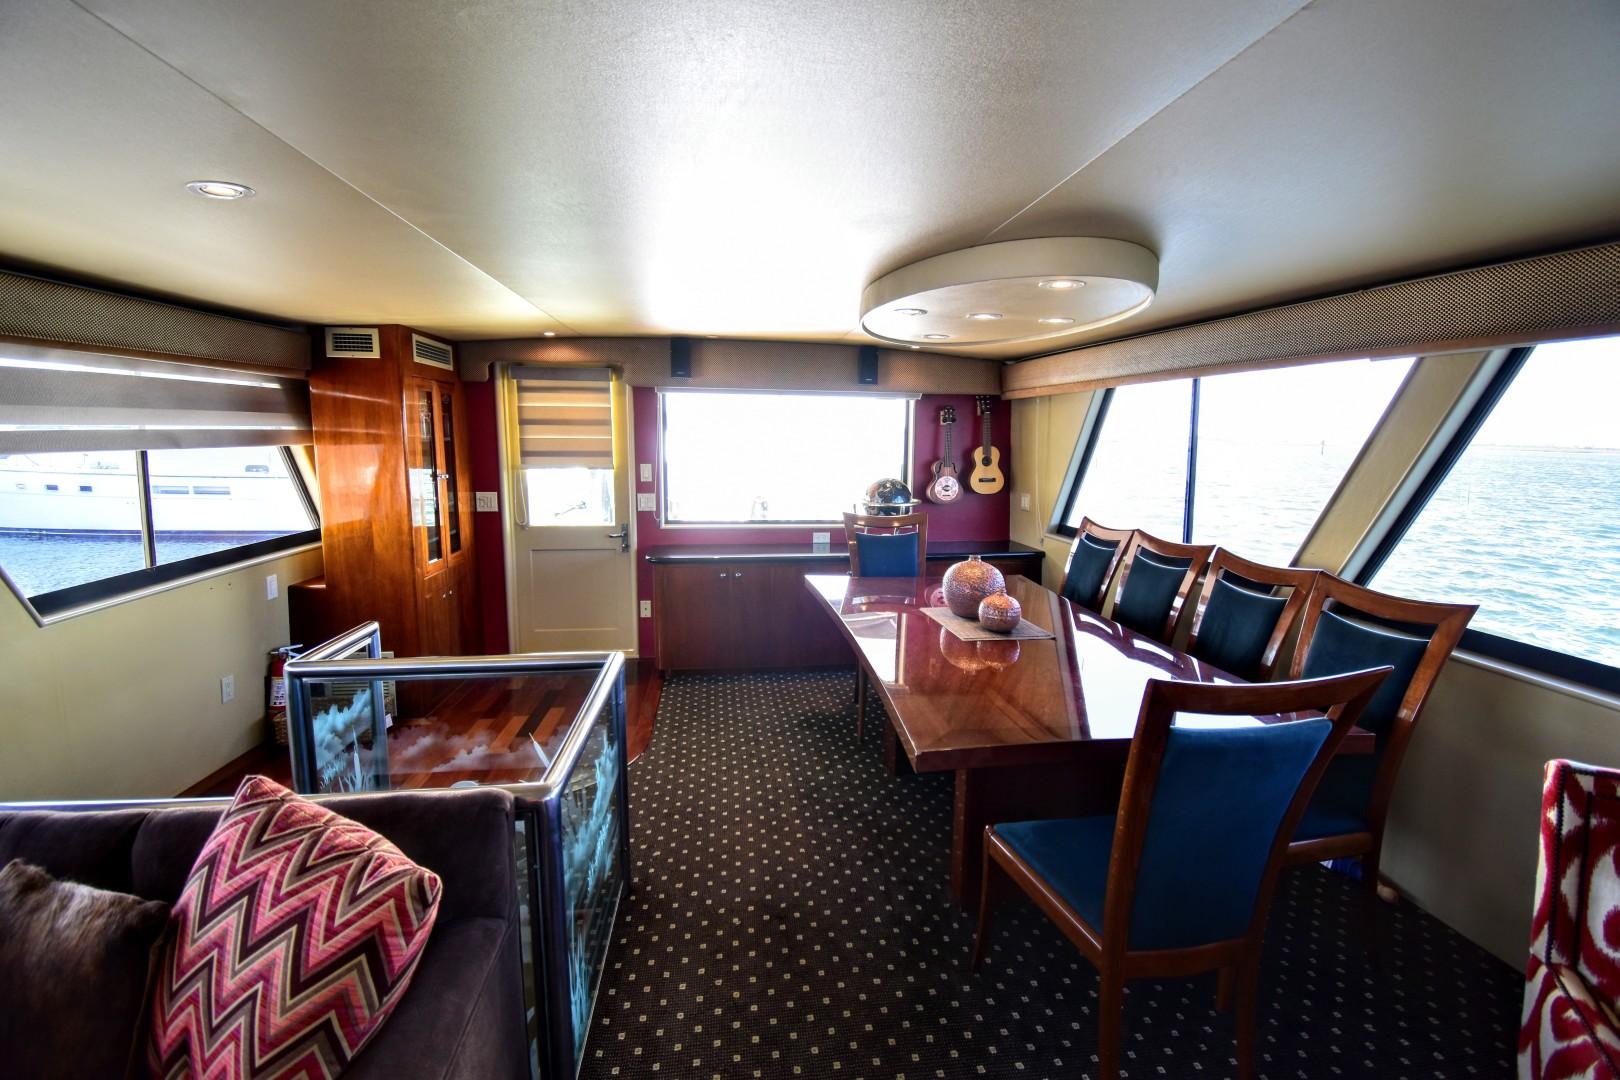 Hatteras-82 Cockpit Motor Yacht 1985-Papillon Seabrook-Texas-United States-Hatteras Motor Yacht 1985 Papillon Salon-1345370 | Thumbnail